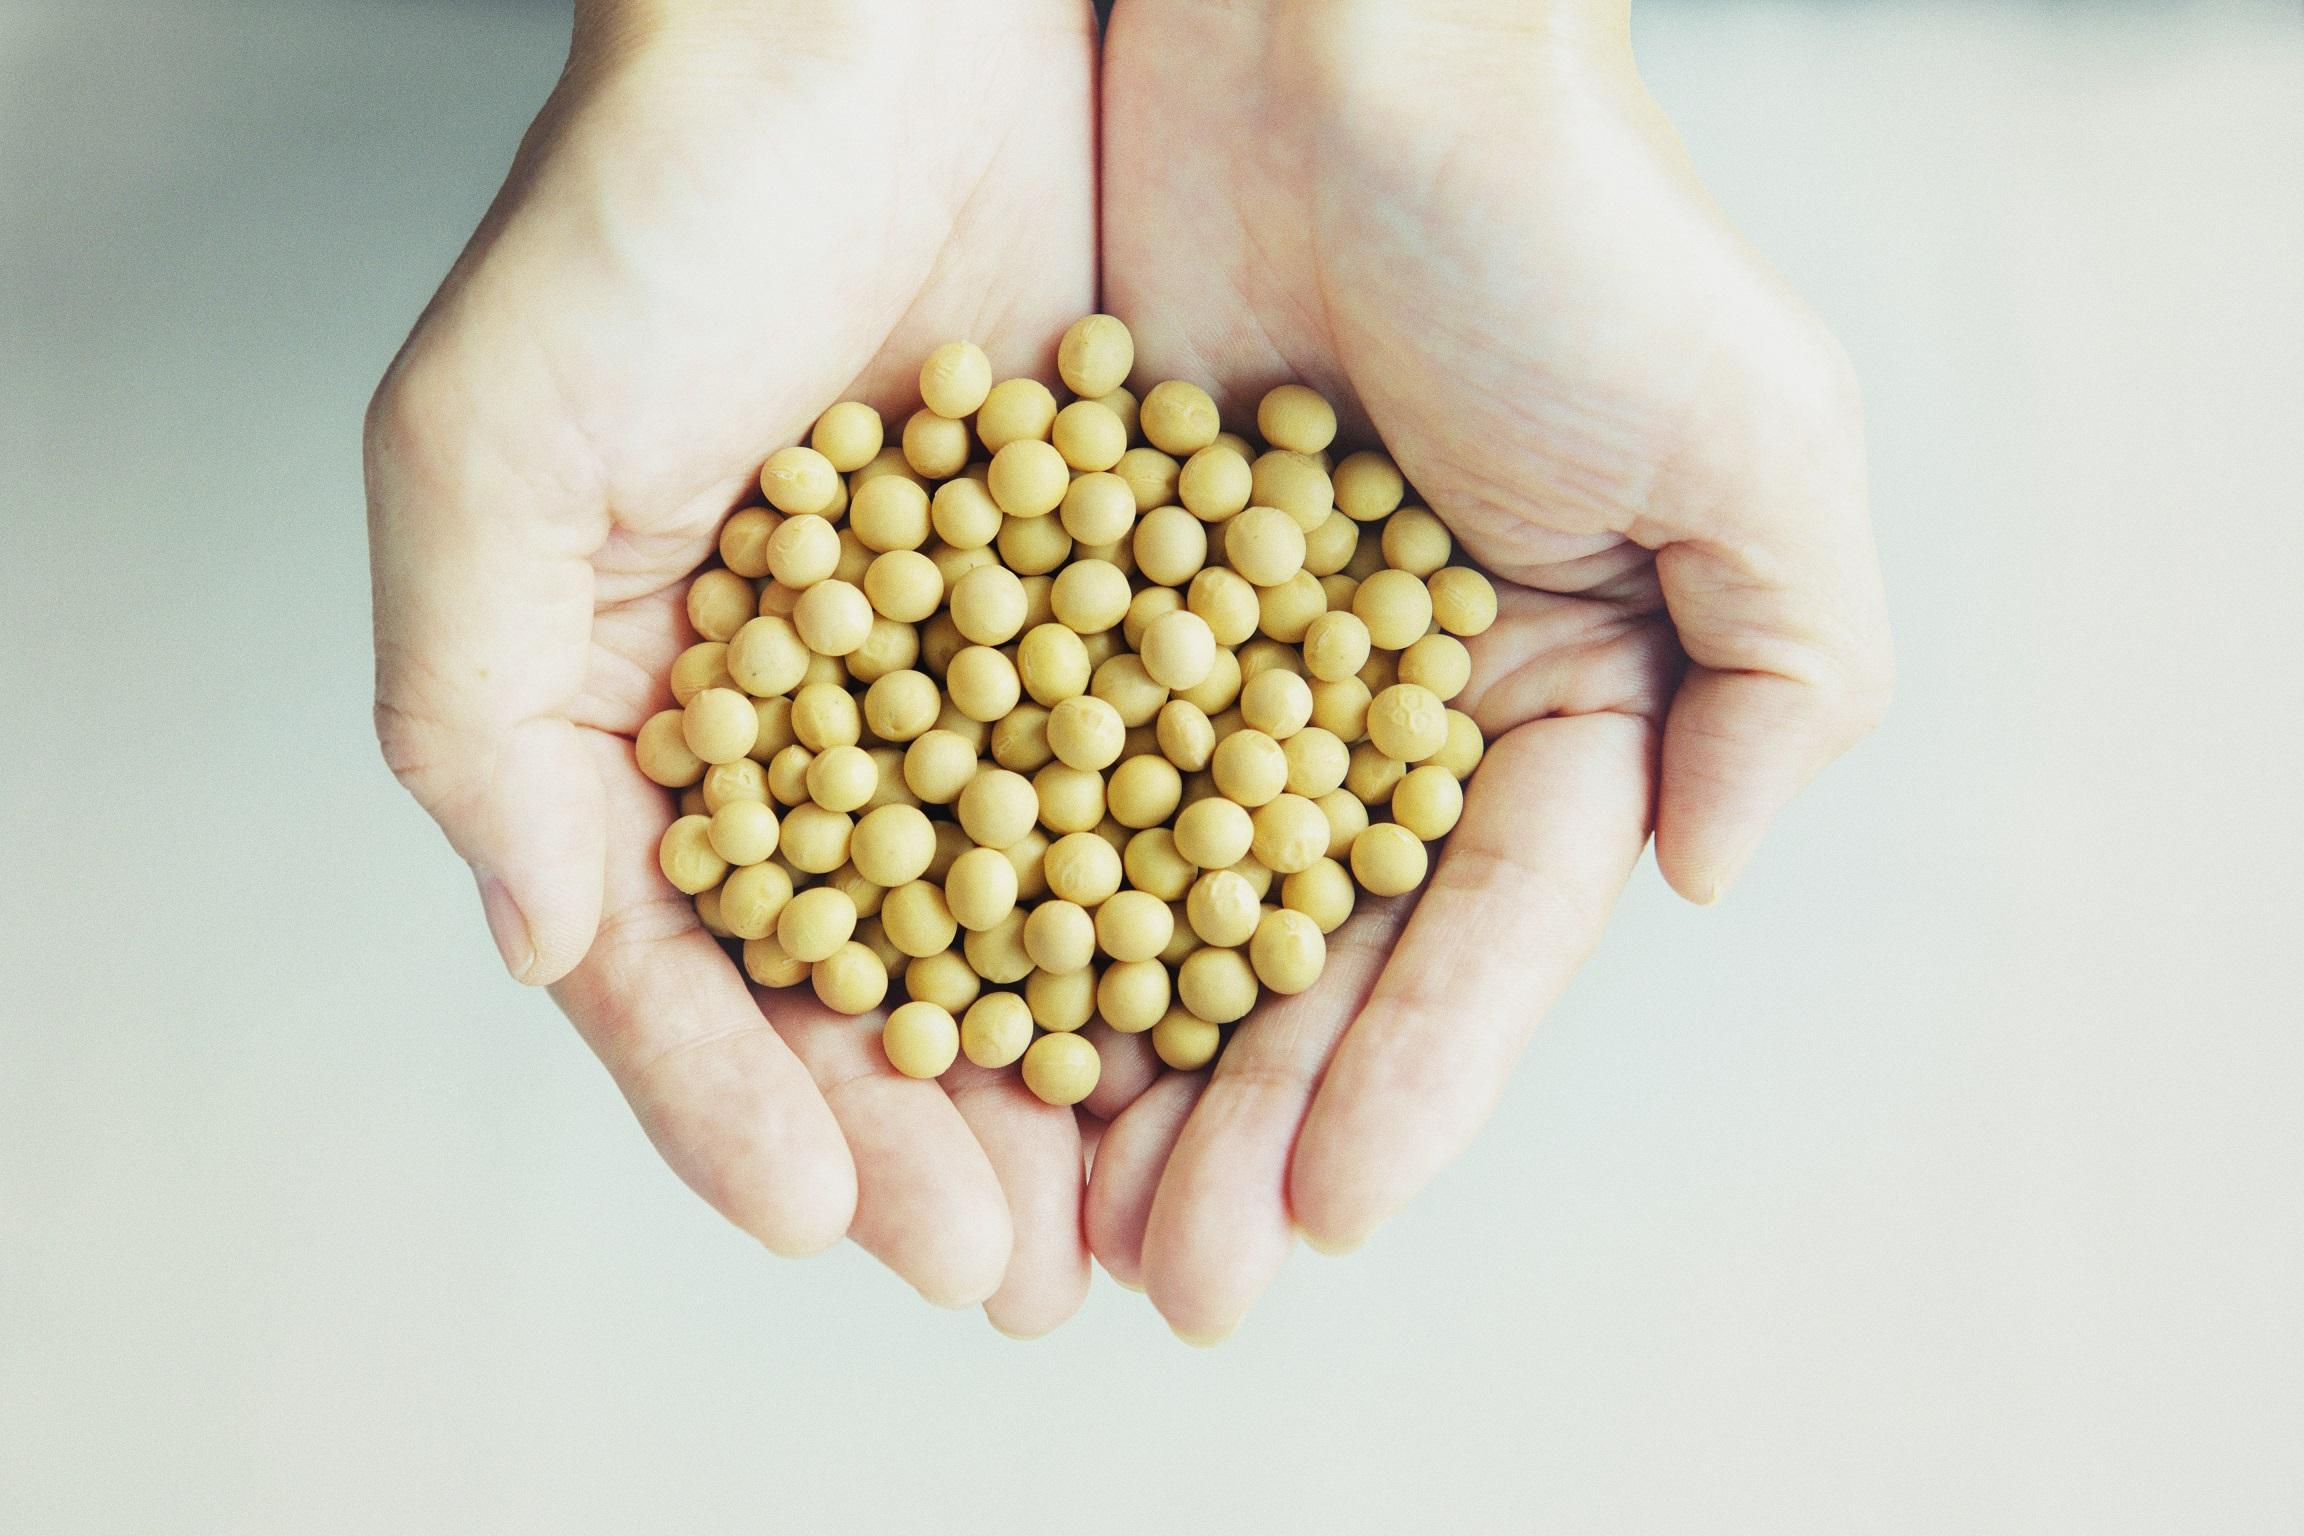 国産大豆を使用した本物志向のスイーツ-913ヌフアントロワ(neufuntrois)紹介画像1